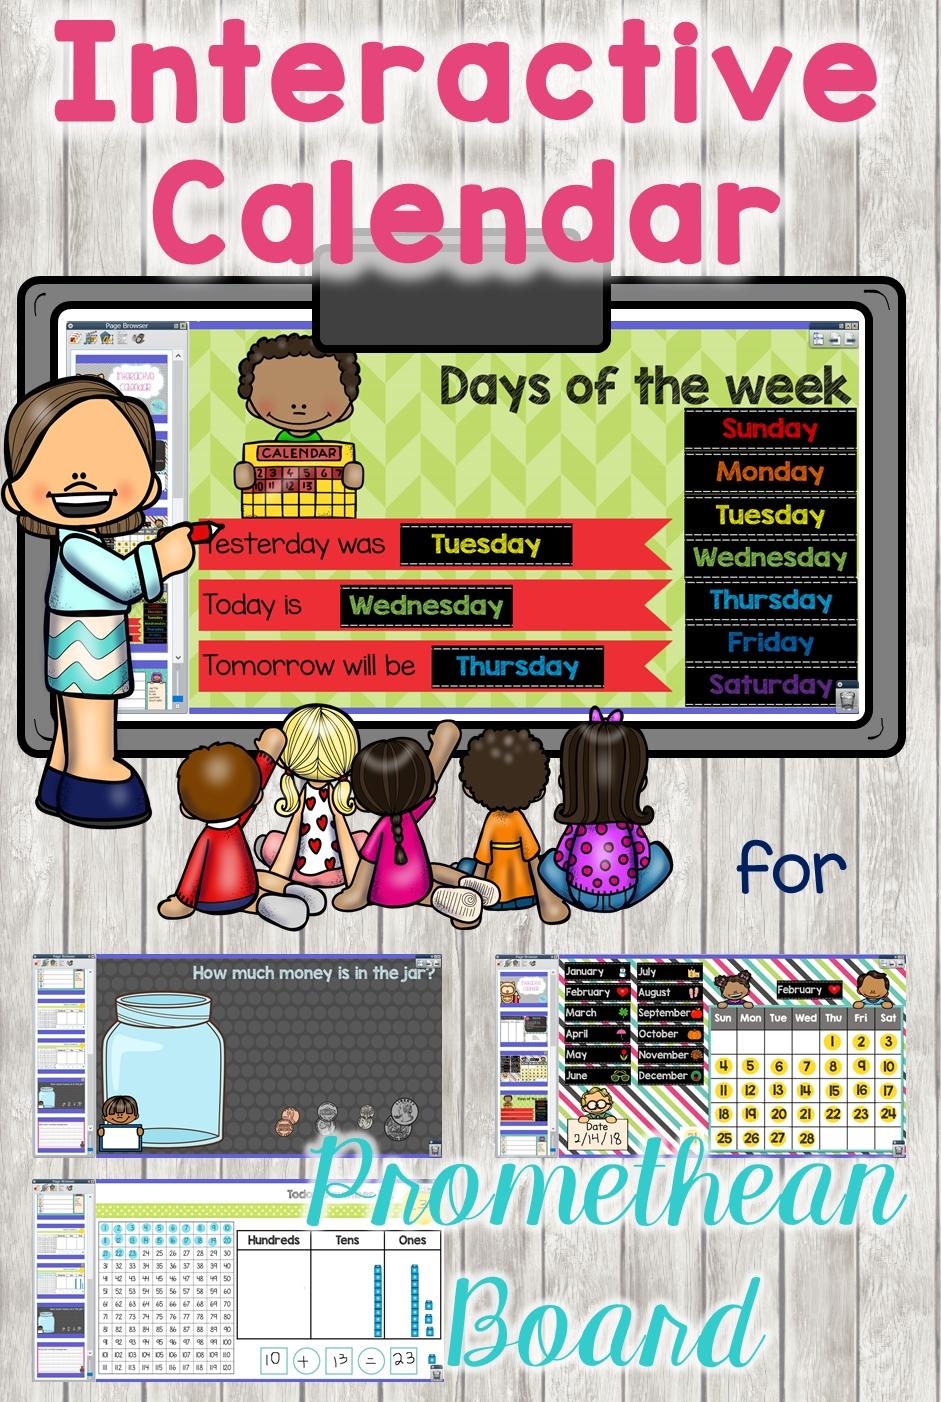 This Interactive Calendar Flipchart In Activinspire For